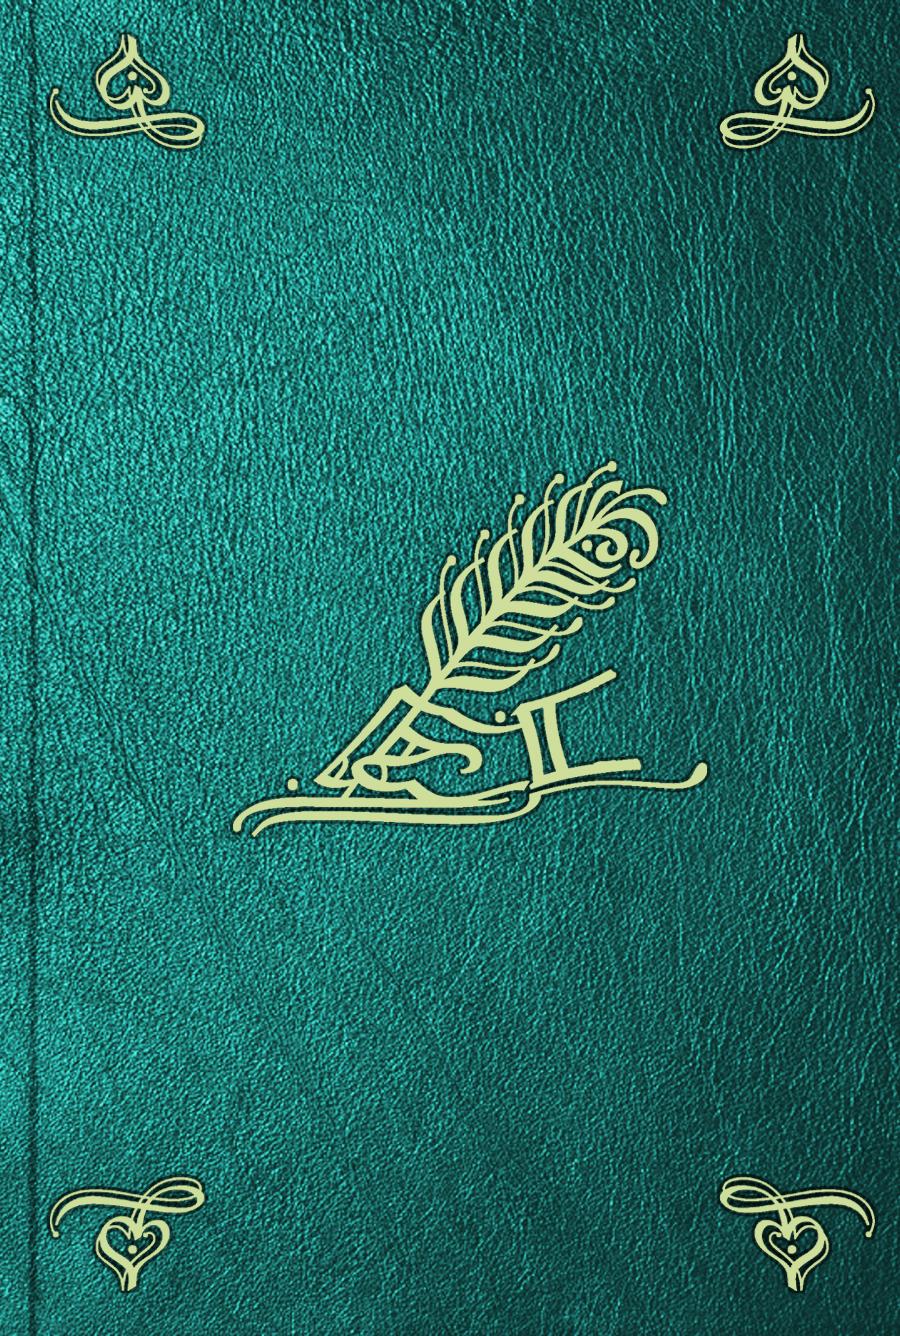 Johann Bernoulli Reisen durch Brandenburg, Pommern, Preussen, Curland, Russland und Pohlen. Bd. 6 johann heinrich vo oden und lieder